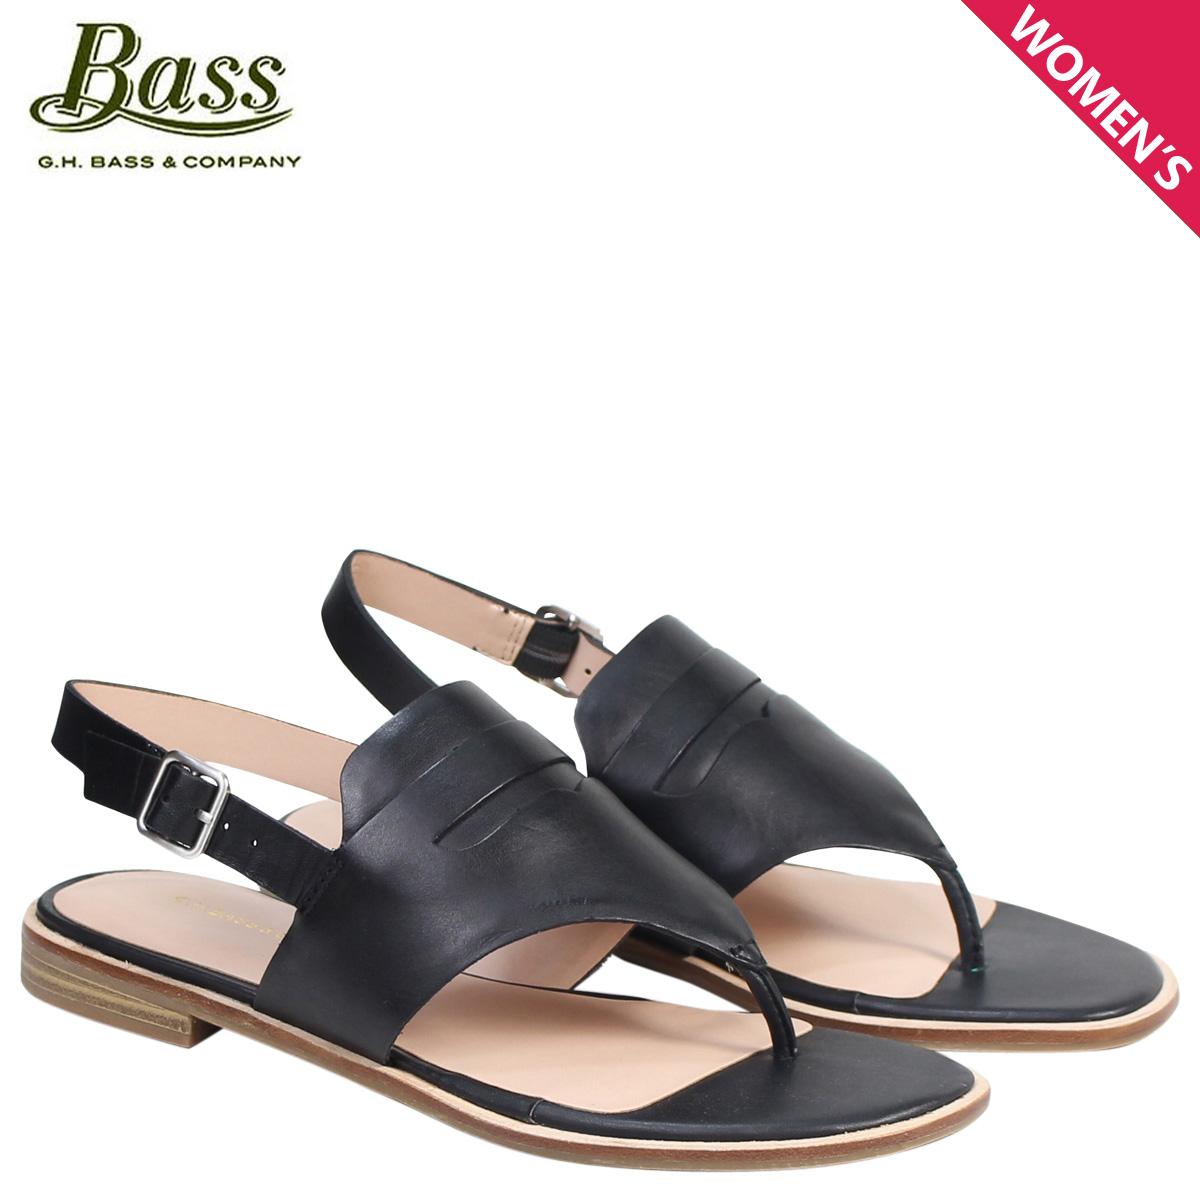 G.H. BASS サンダル レディース ジーエイチバス トング アンクルストラップ MADDIE THONG SANDAL 71-20334 靴 ブラック 黒